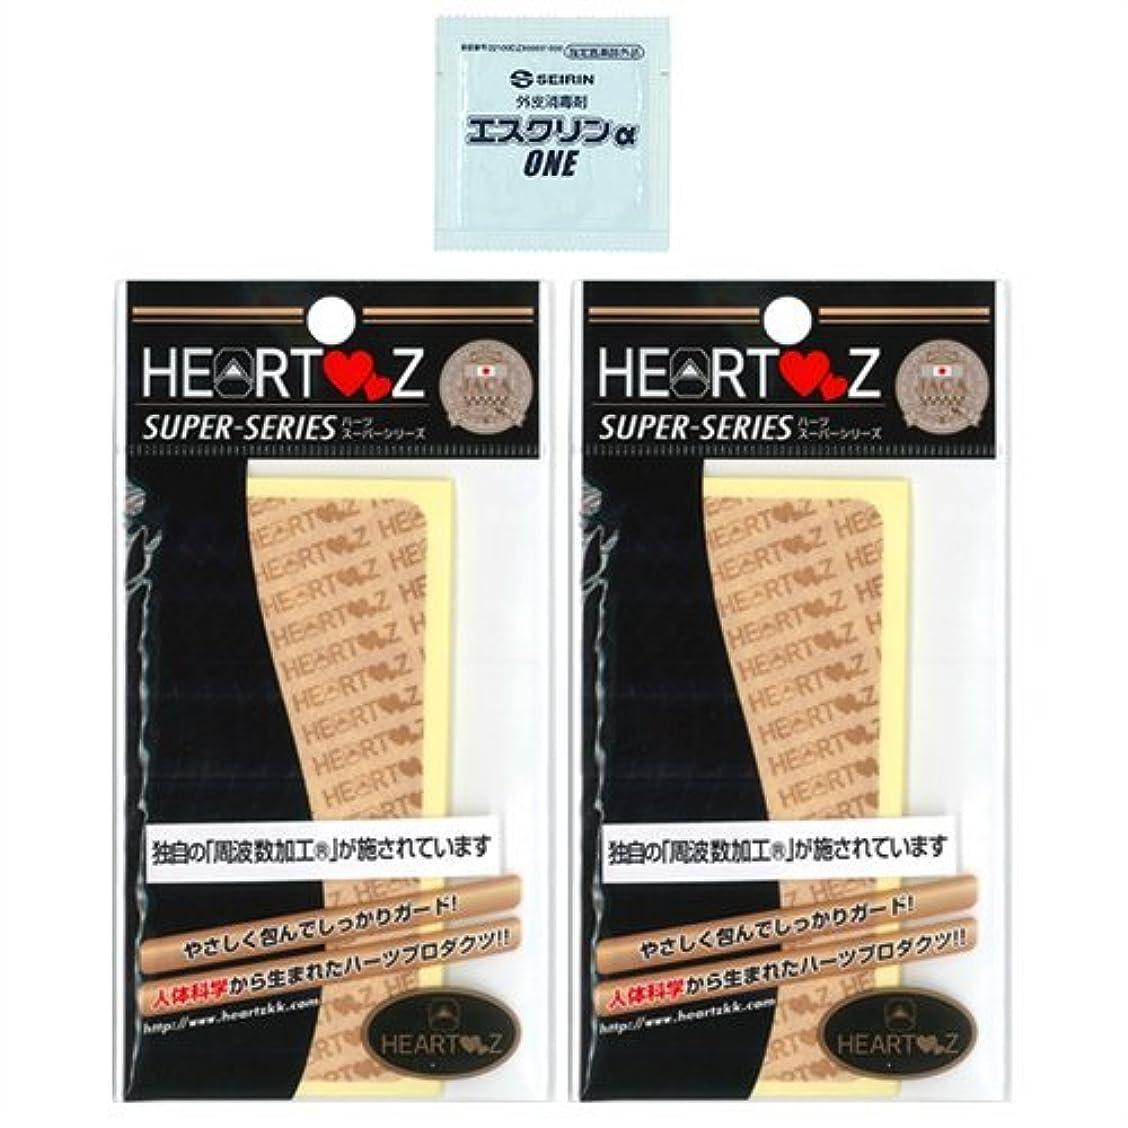 処分したデザイナー香り【HEARTZ(ハーツ)】ハーツスーパーシール ベタ貼りタイプ 8枚入×2個セット (計16枚) + エスクリンαONEx1個 セット